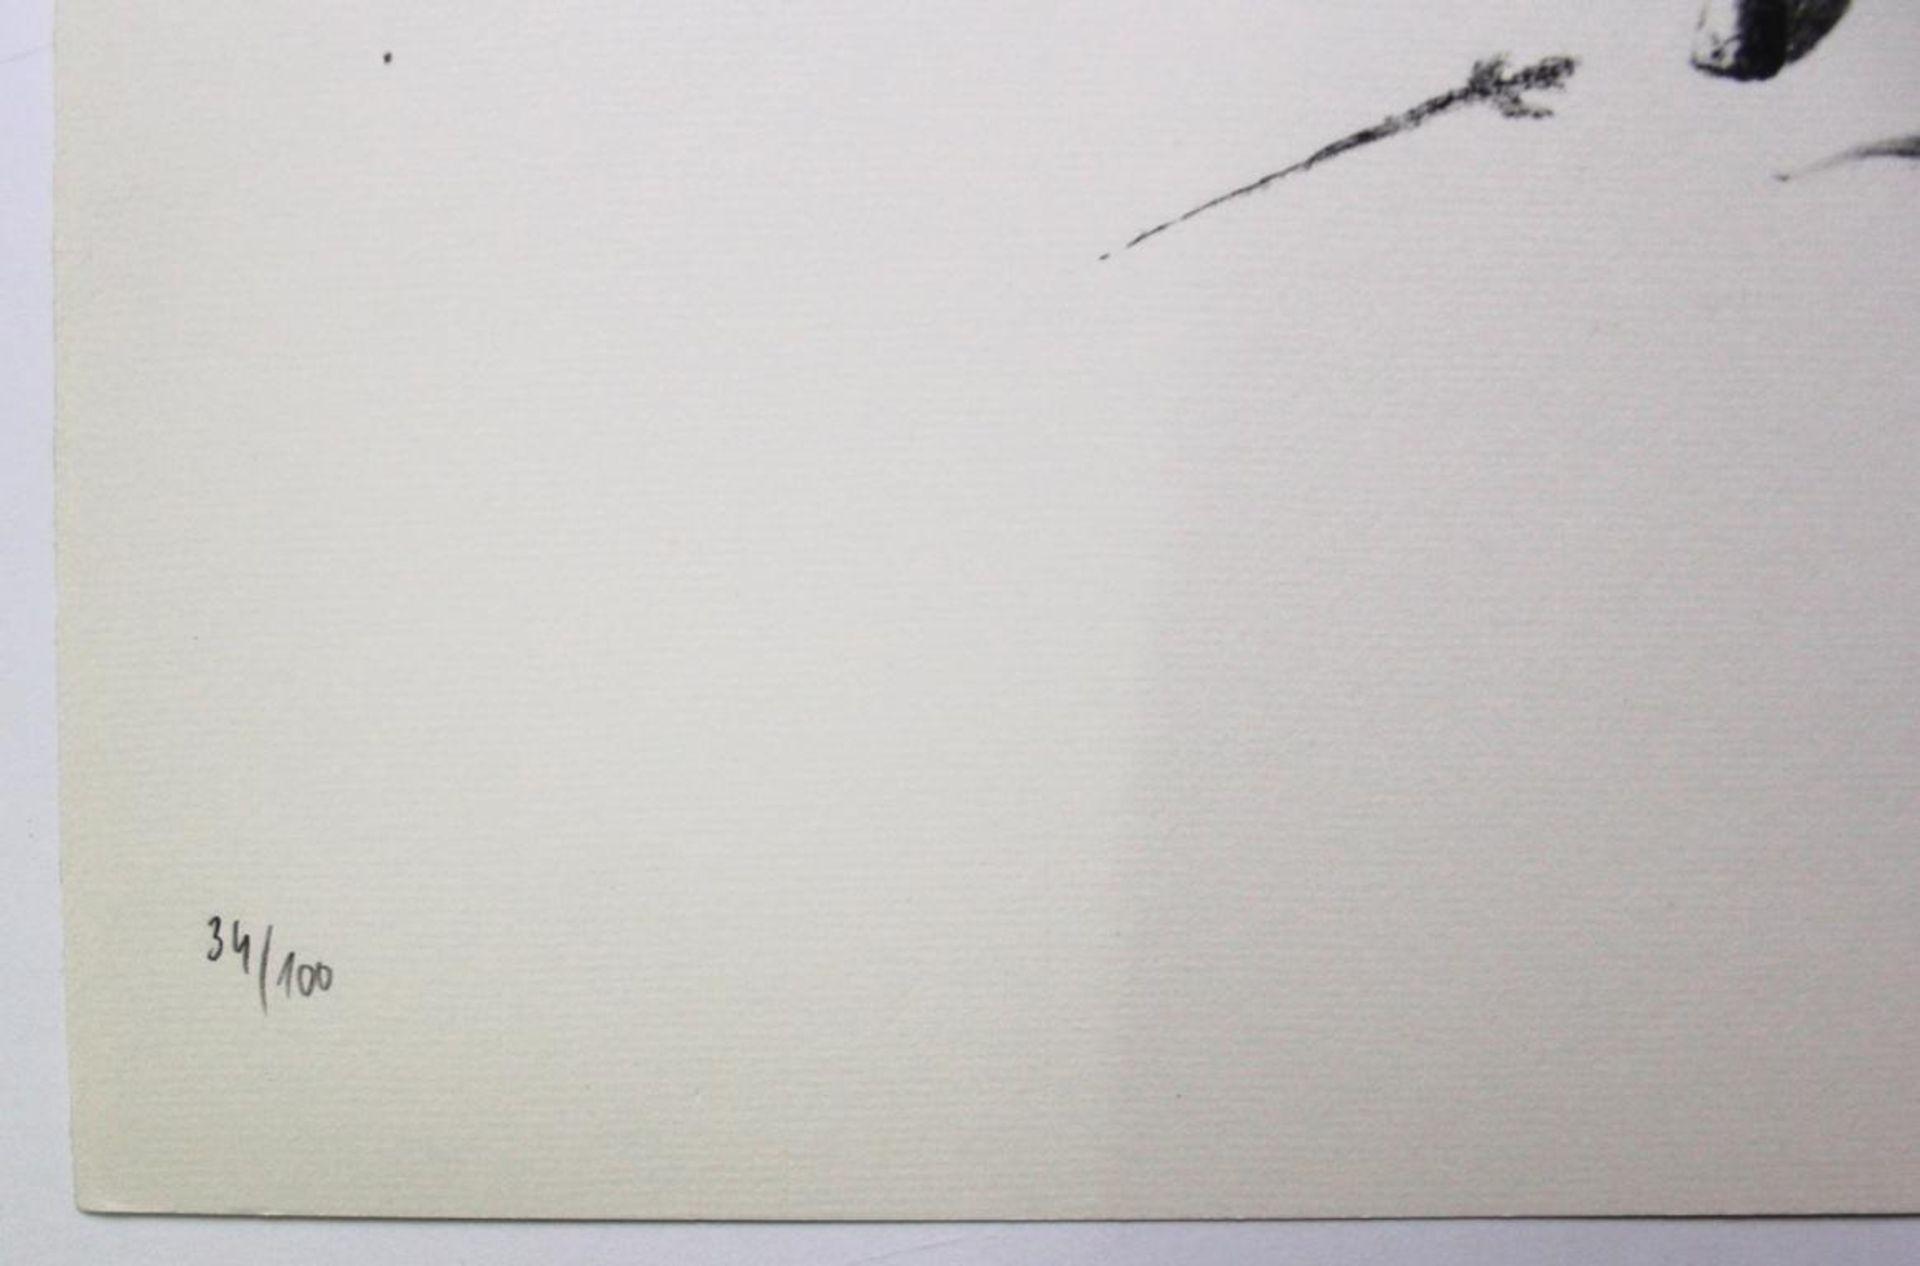 Los 39 - Korab Karl (geb. 1937) Ohne Titel 1974 Lithographie handsigniert, datiert und nummeriert, Edition